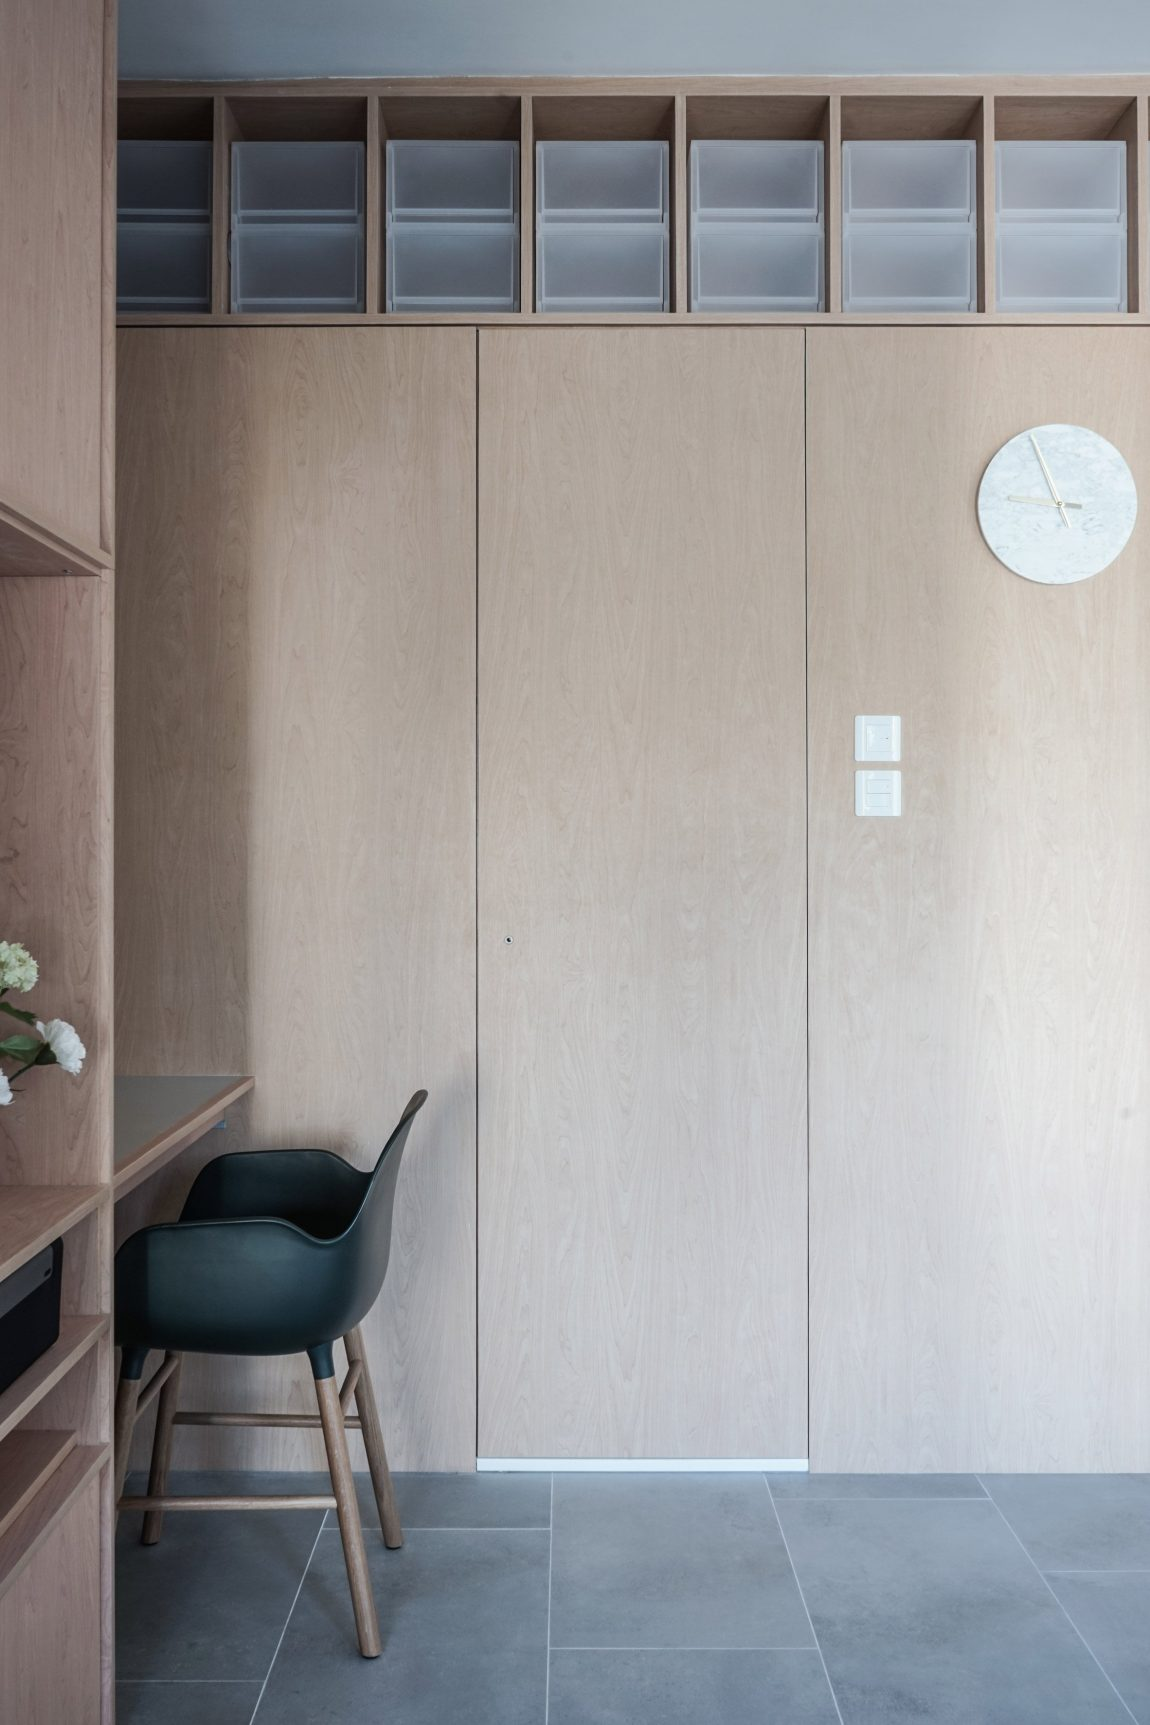 Een nieuwe indeling en interieurontwerp voor een klein appartement uit Hong Kong van 33m2